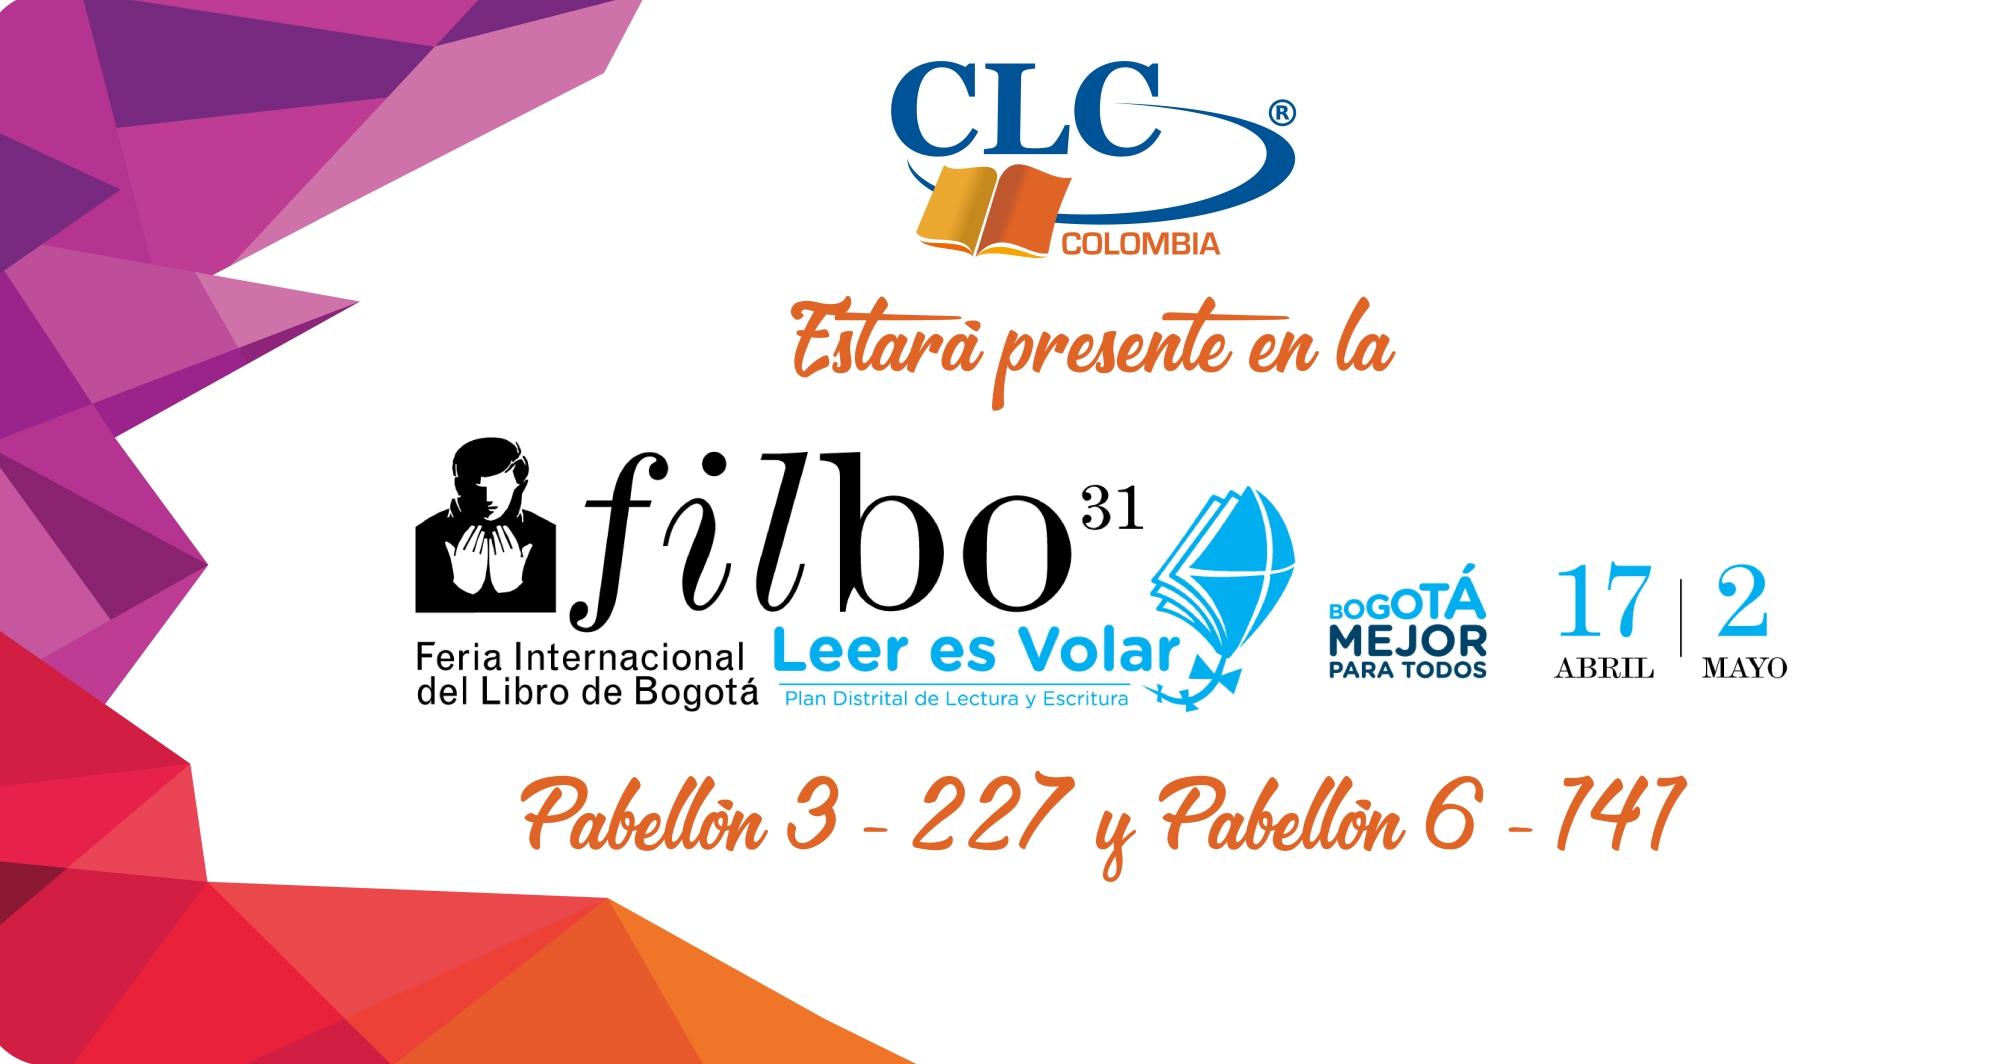 CLC en la Feria del Libro